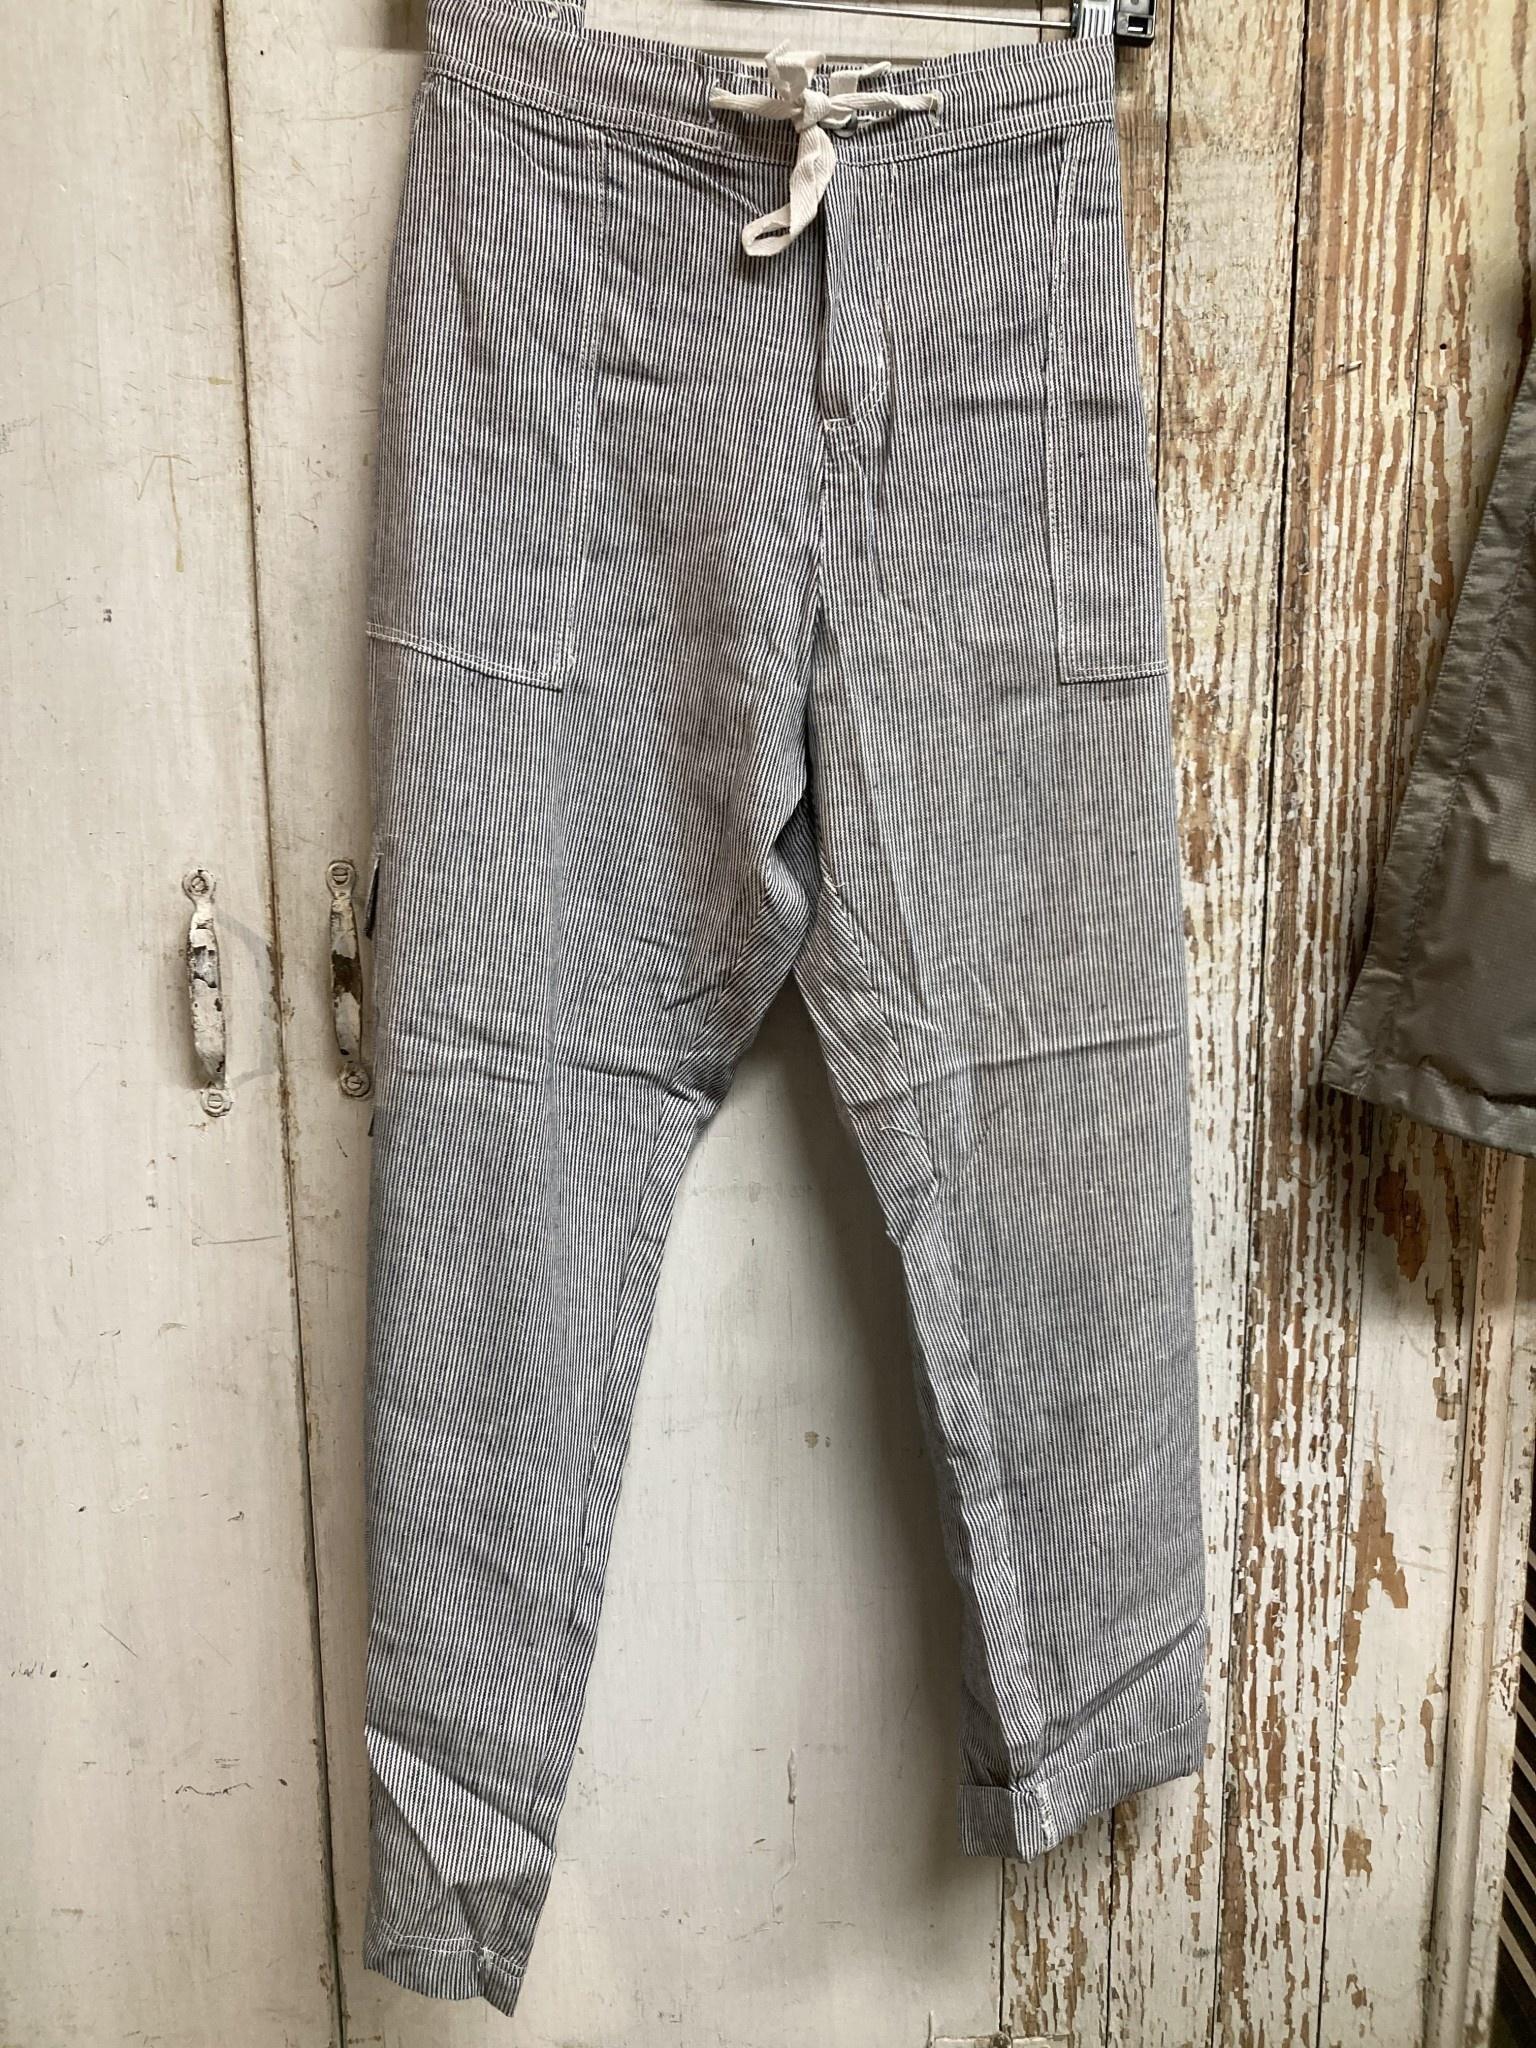 Striped Linen Capri Pants (2-Colors/4-Sizes)